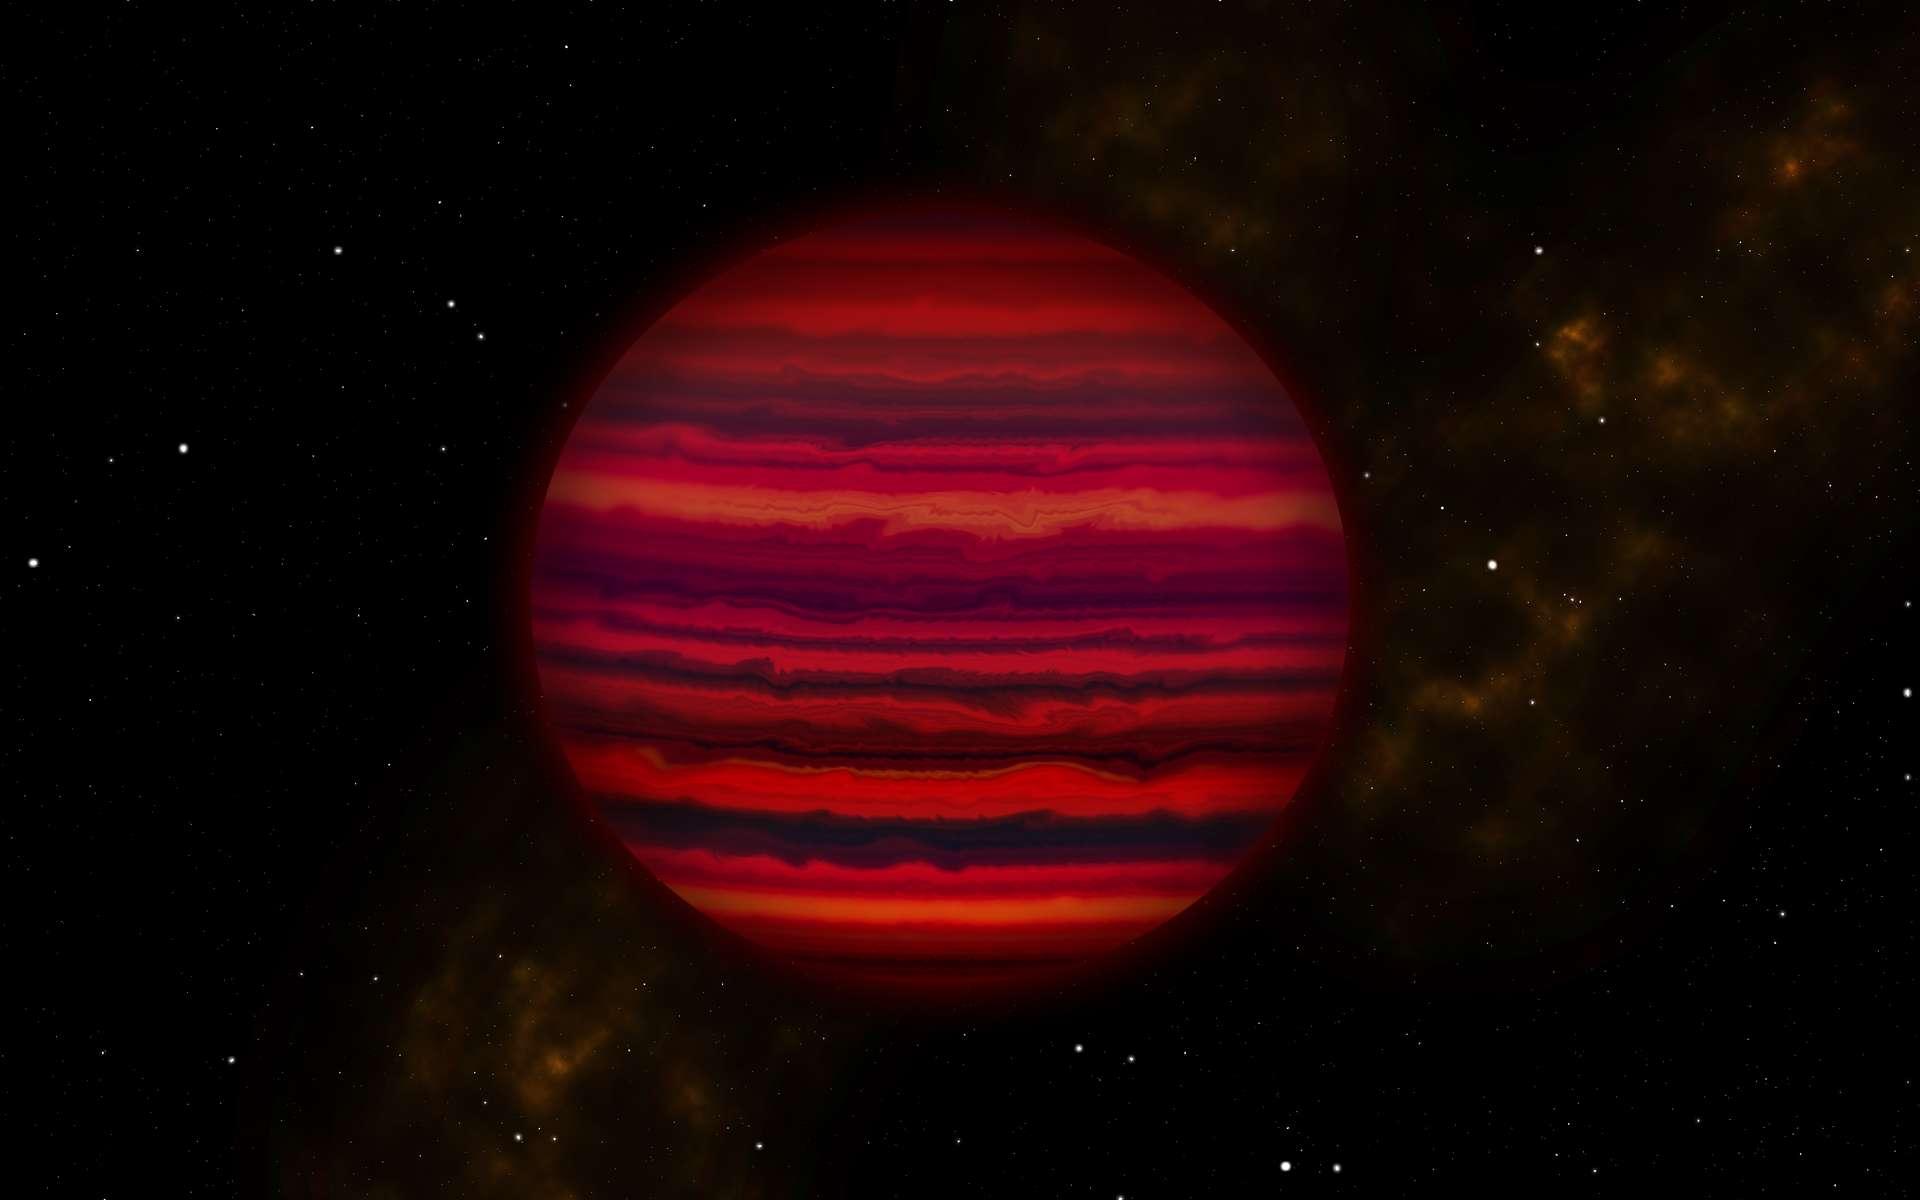 Vue d'artiste de Wise 0855, la quatrième étoile la plus proche du Soleil, comme si nous pouvions la voir de près dans l'infrarouge. C'est en fait une naine brune, qui ne brille pas dans le visible. © Joy Pollard, Gemini Observatory, Aura